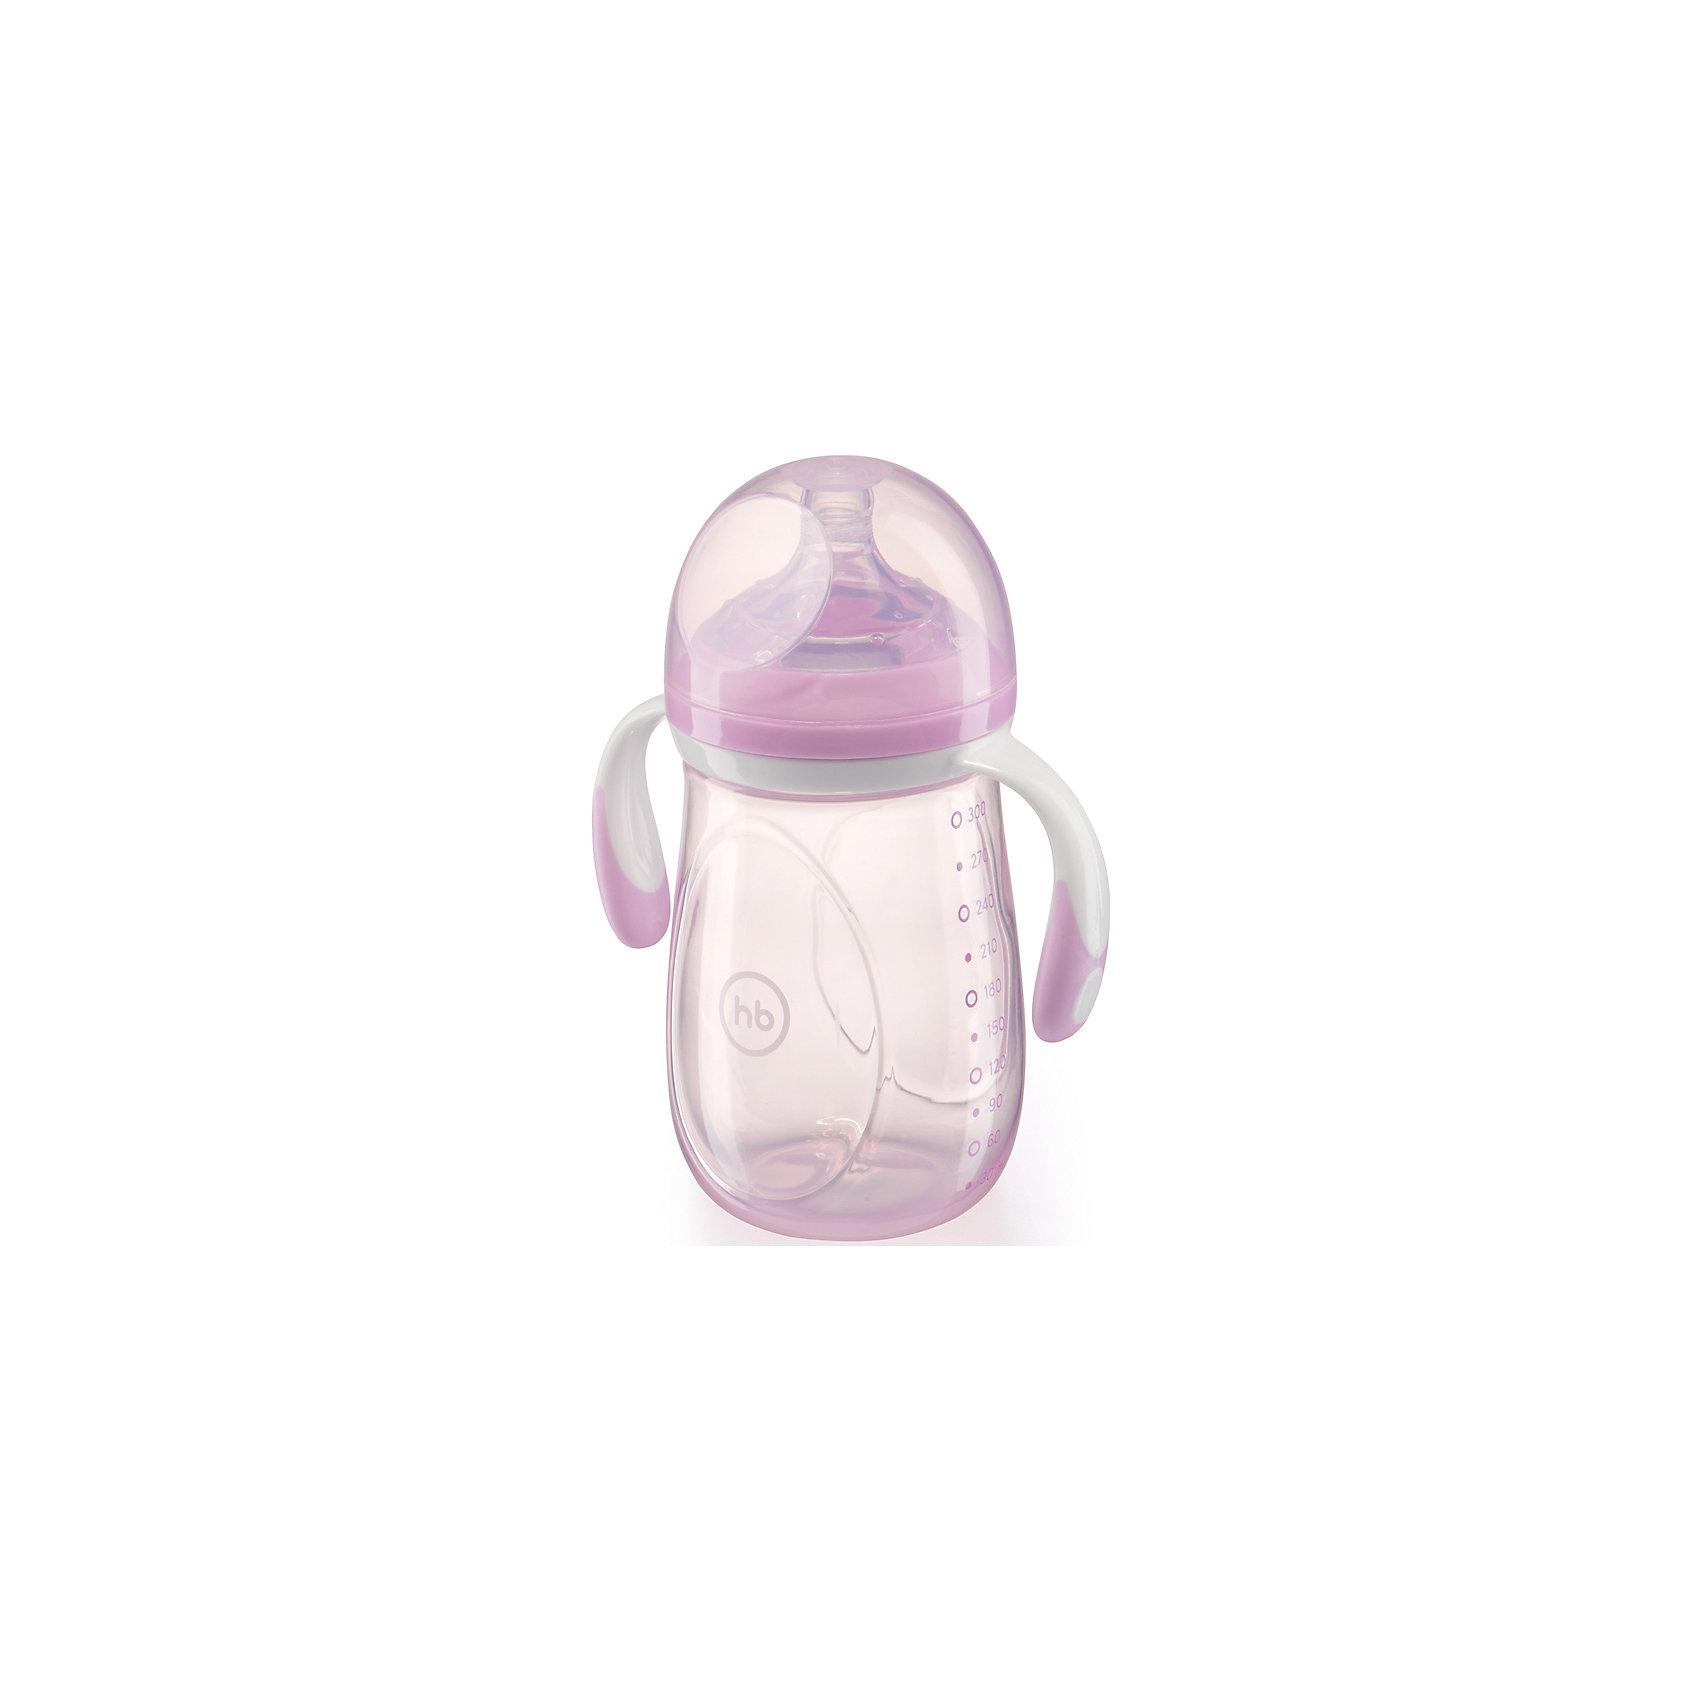 Happy Baby Бутылочка для кормления с антиколиковой соской, 300 мл, Happy Baby, фиолетовый бутылочка для кормления happy baby с ручками 240 мл drink up соска в подарок